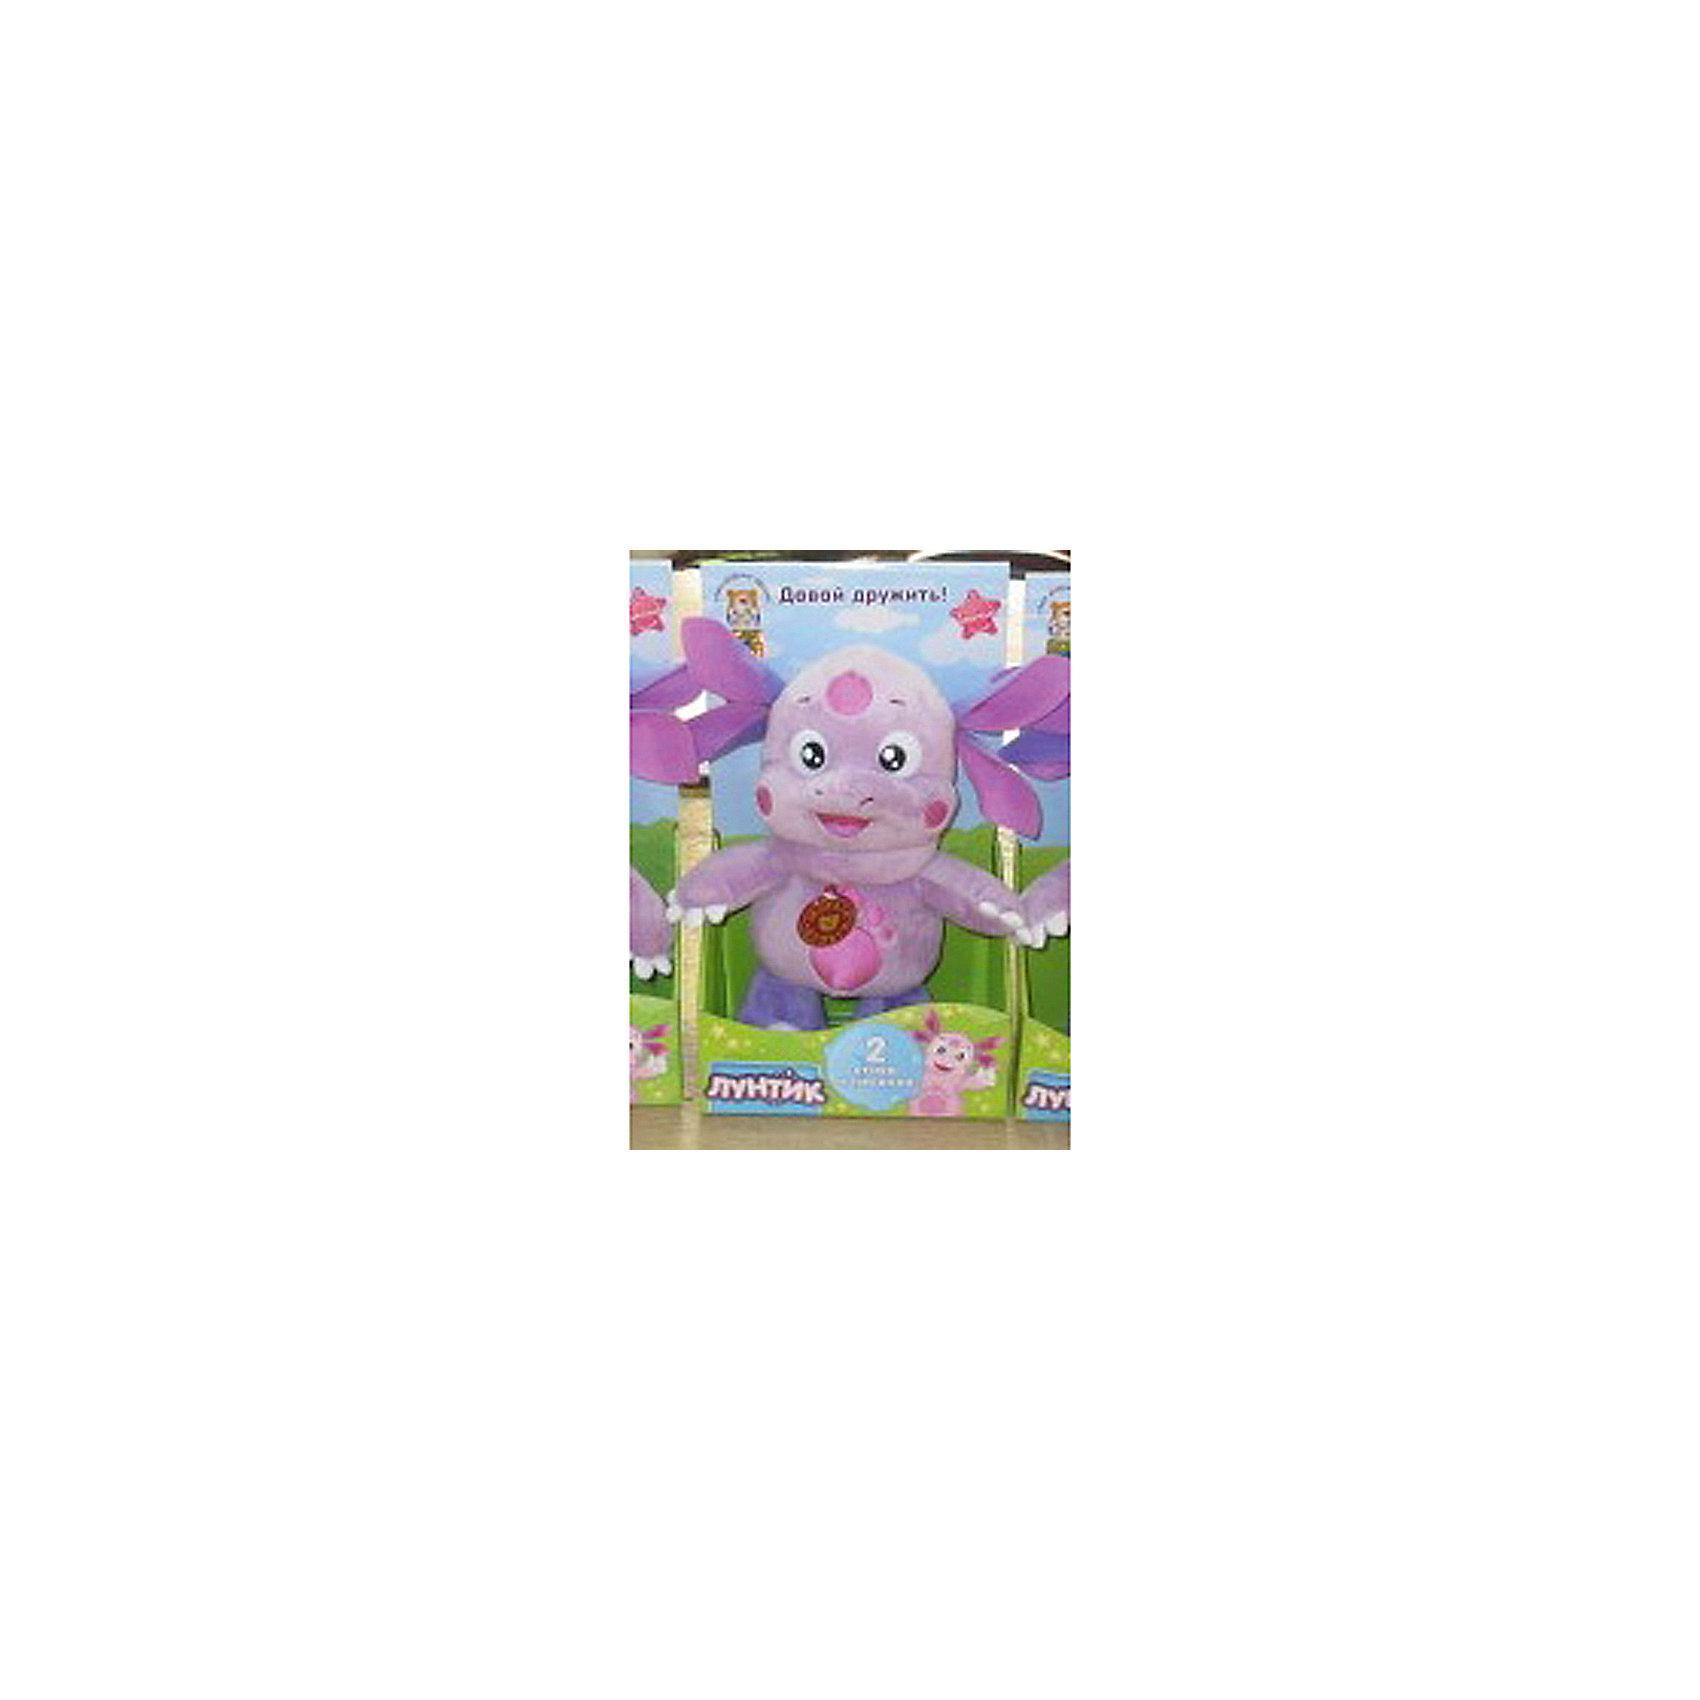 МУЛЬТИ-ПУЛЬТИ Мягкая игрушка Лунтик, 27 см, МУЛЬТИ-ПУЛЬТИ лунтик развивающий набор лунтик фантазер